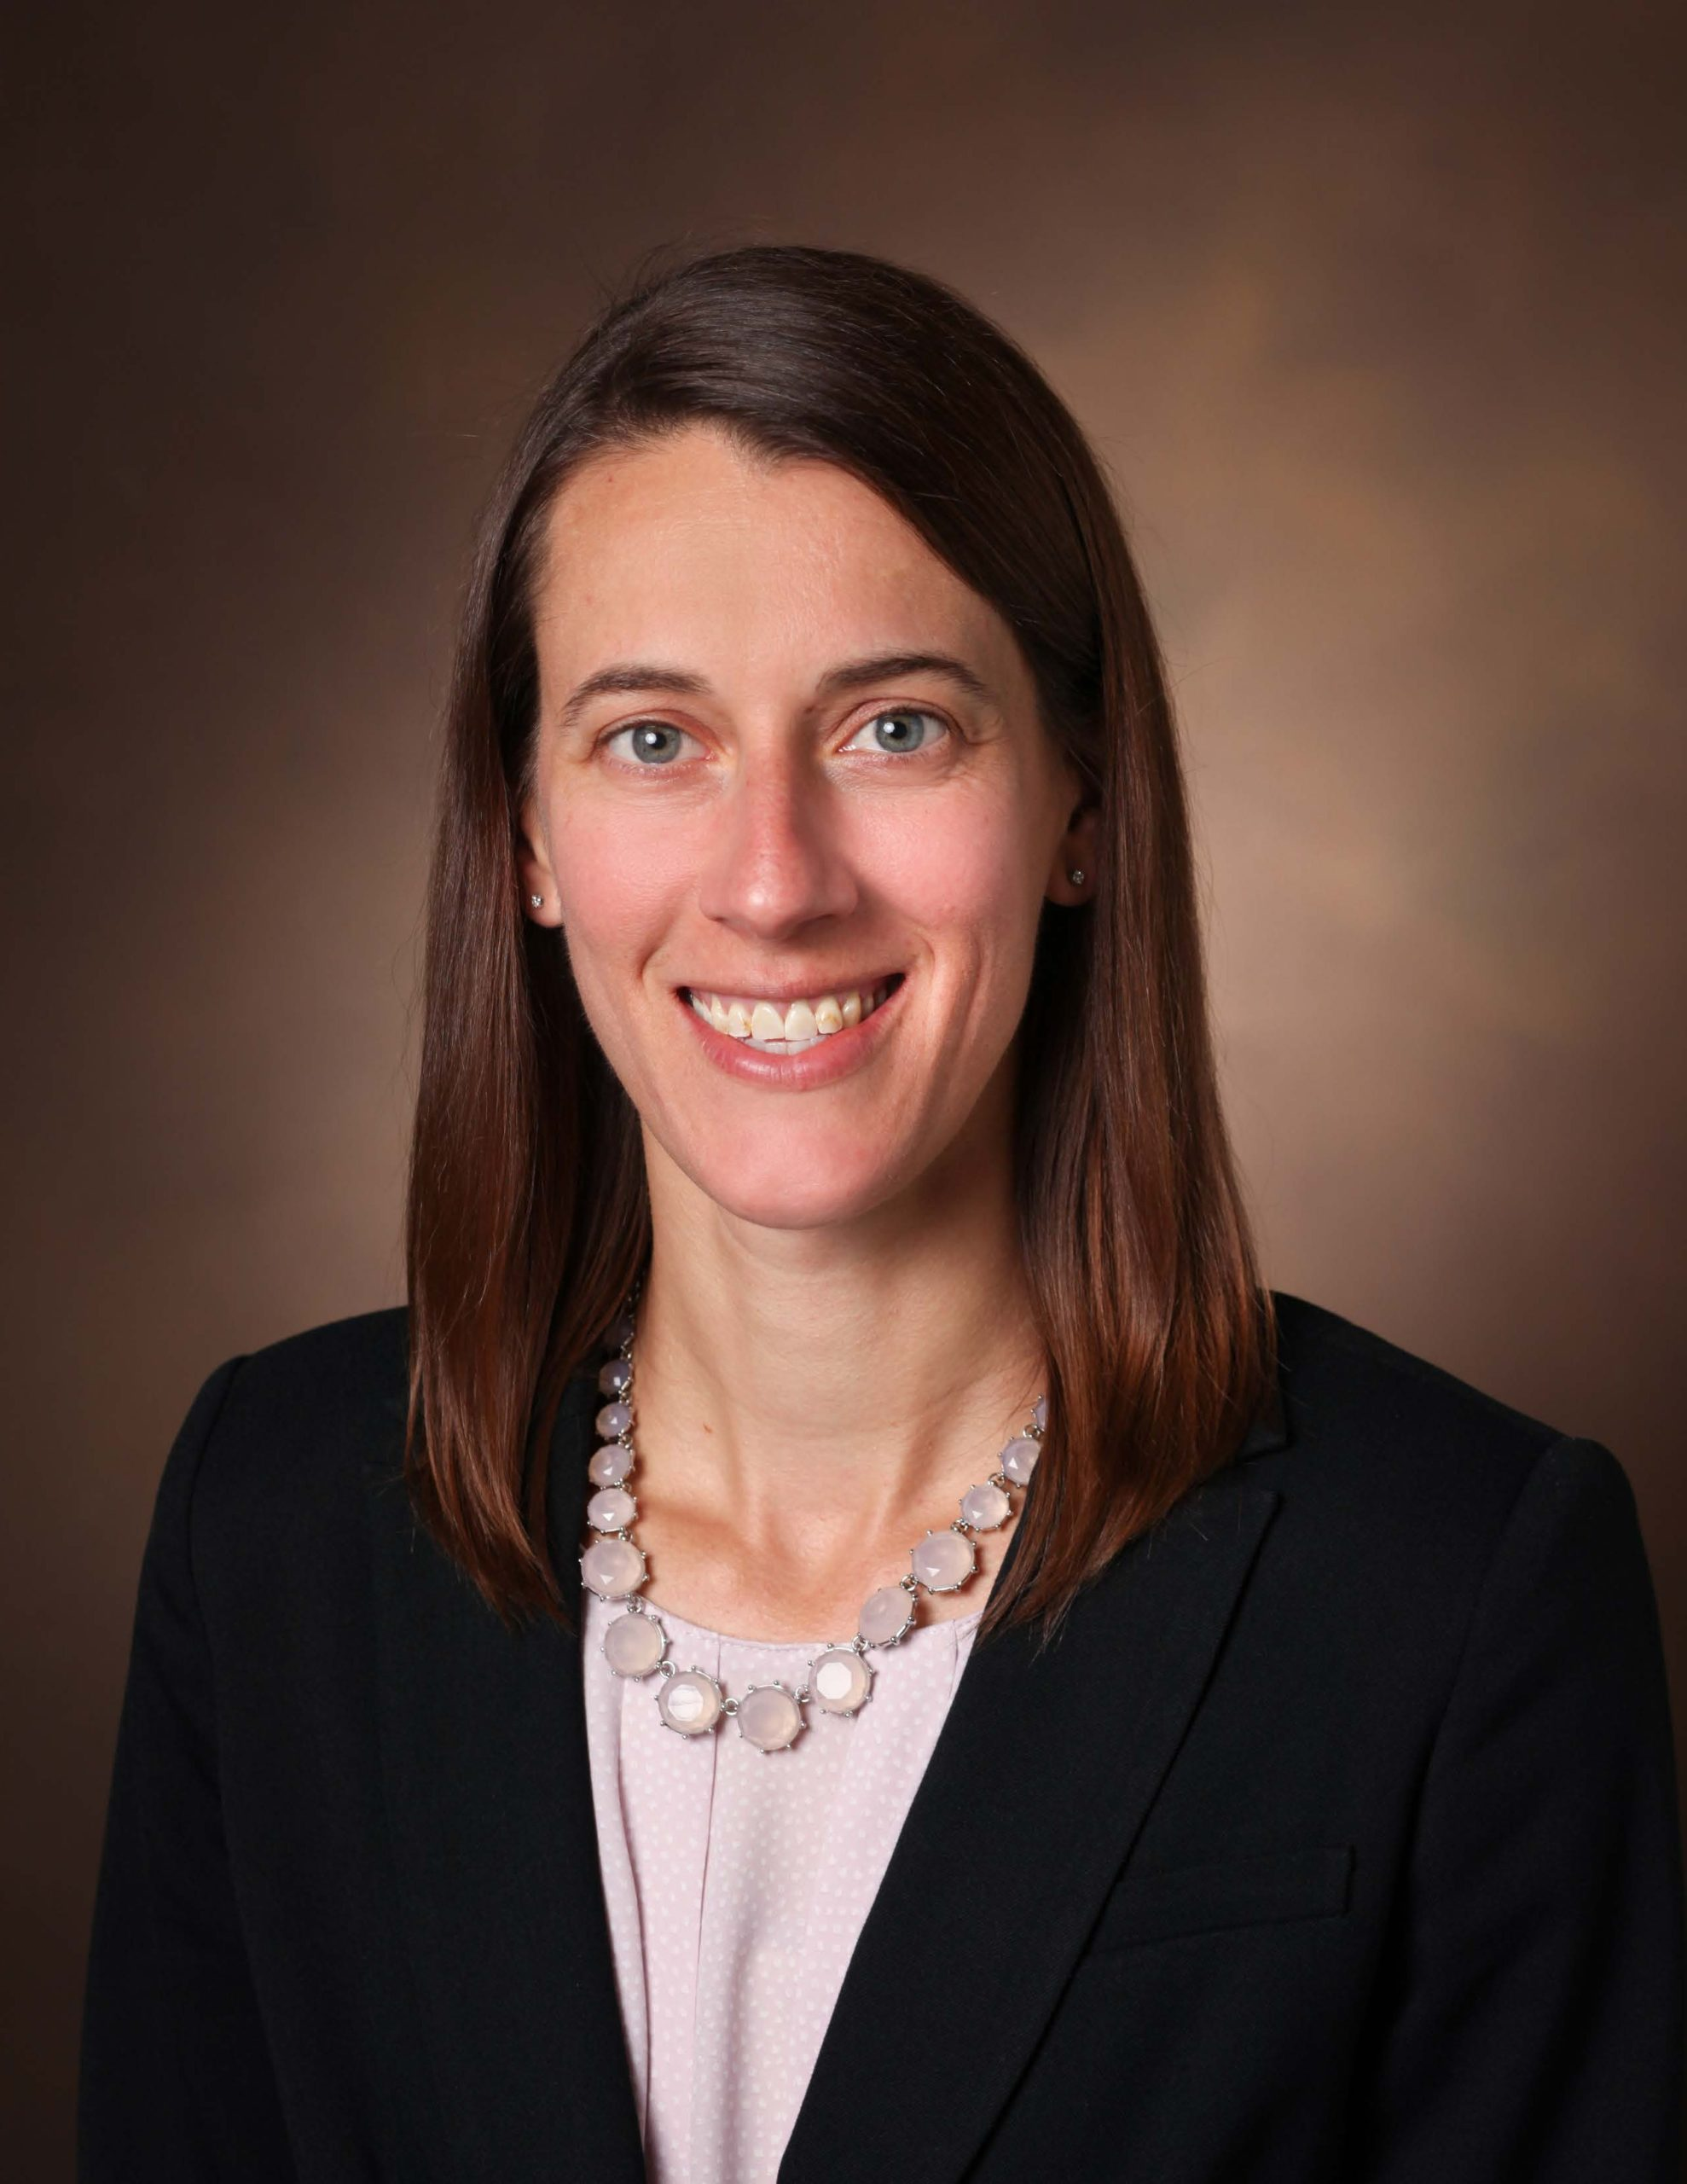 Kristy Broman, MD, MPH